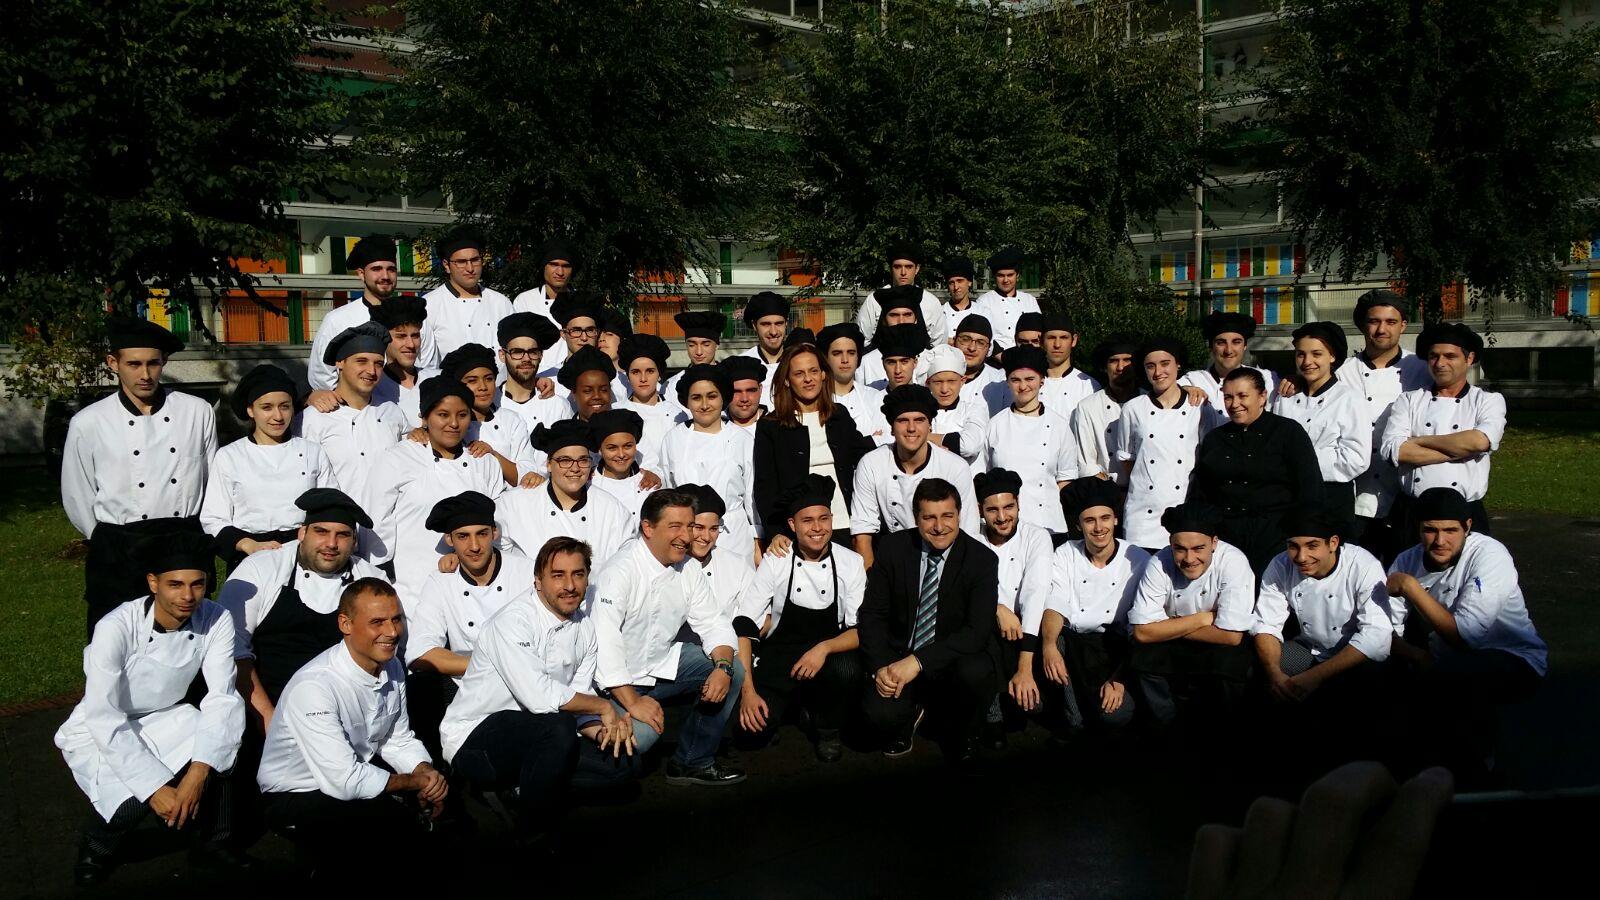 Fotografía de los hermanos Roca posan con los estudiantes de la escuela Paseo das Pontes Gira BBVA El Celler de Can Roac